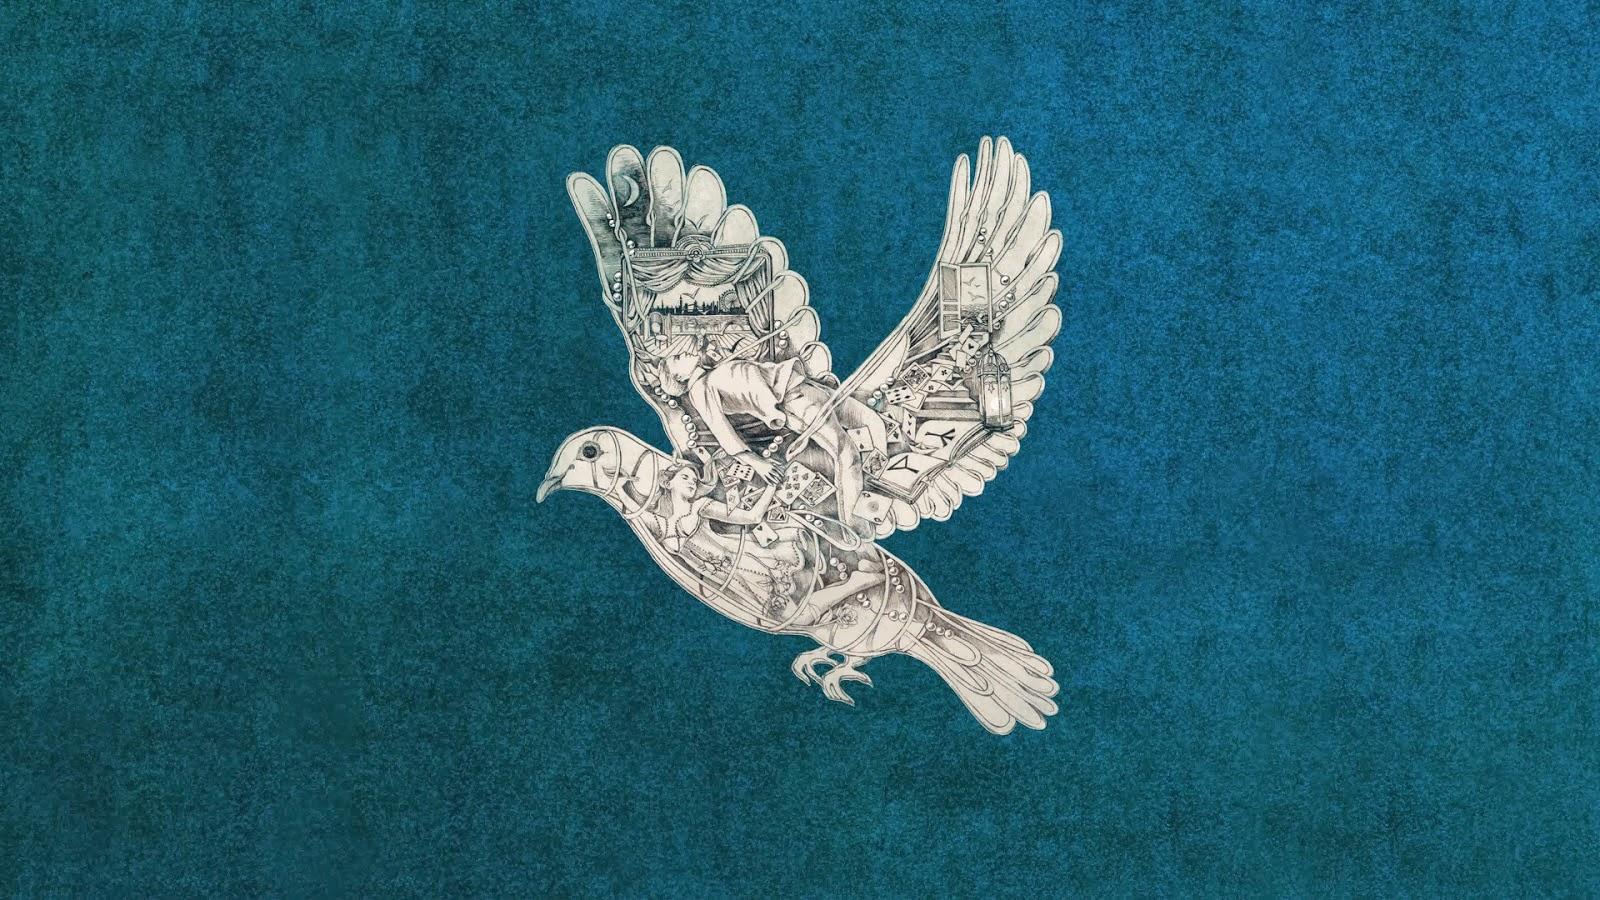 Remix: Coldplay - Magic (AlunaGeorge)